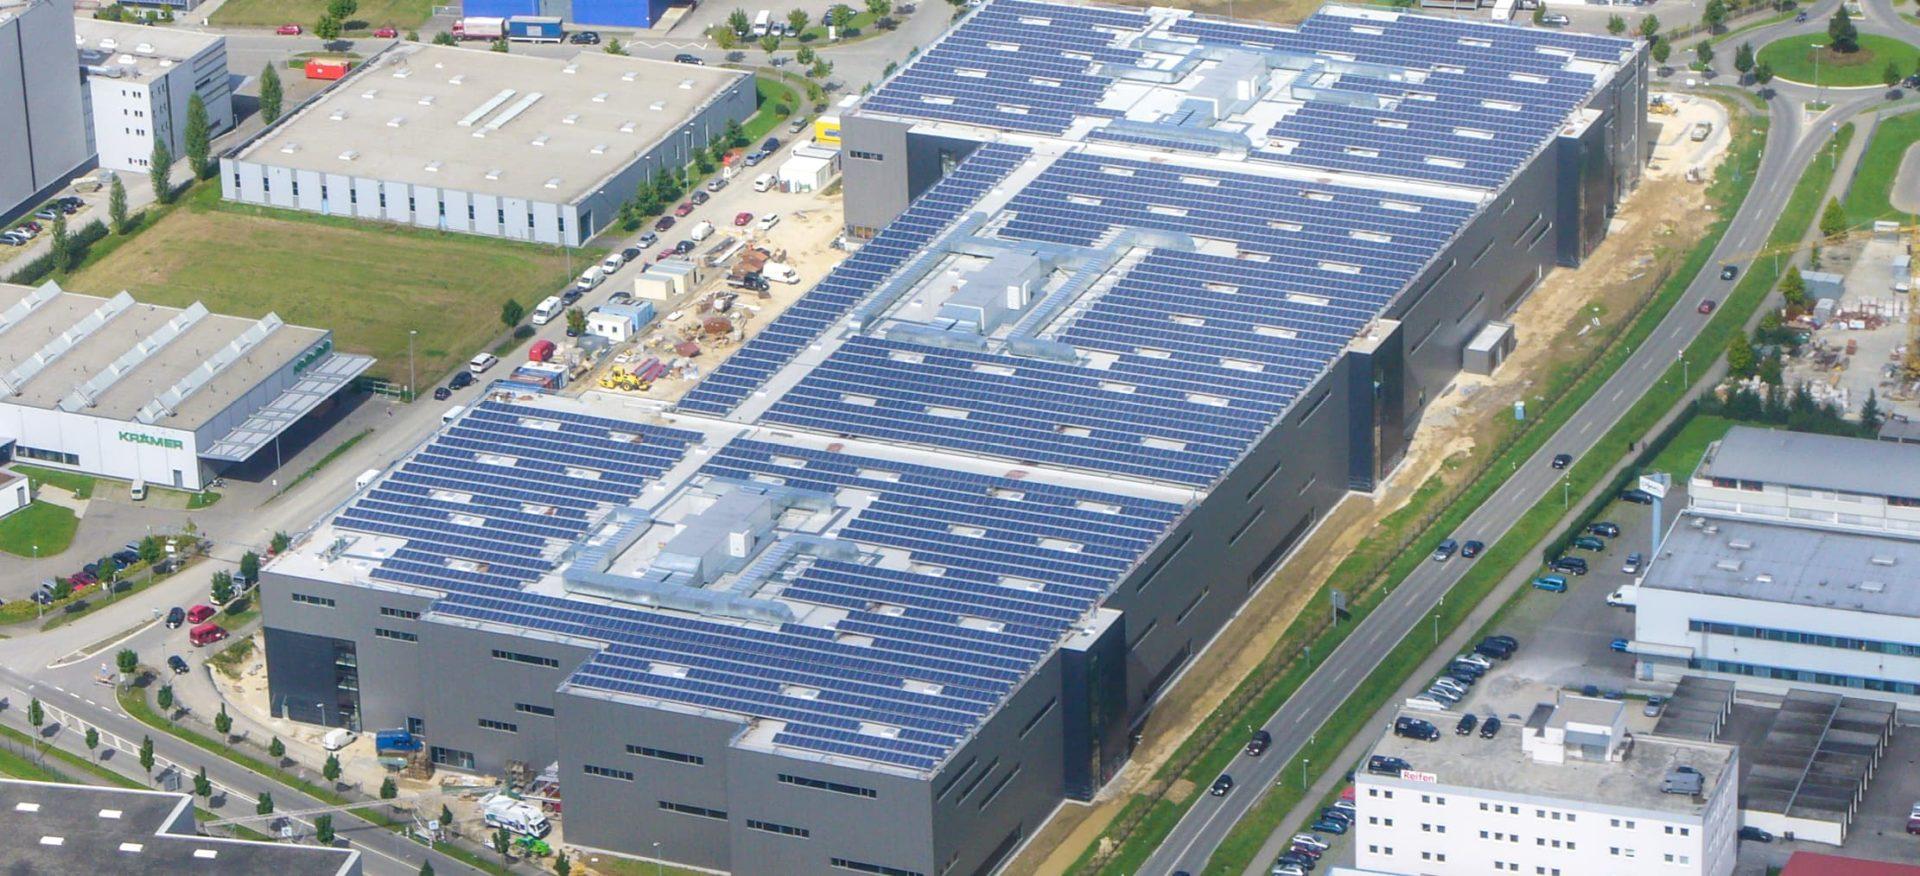 Luftaufnahme des Solardaces von Hugo Boss in Metzingen